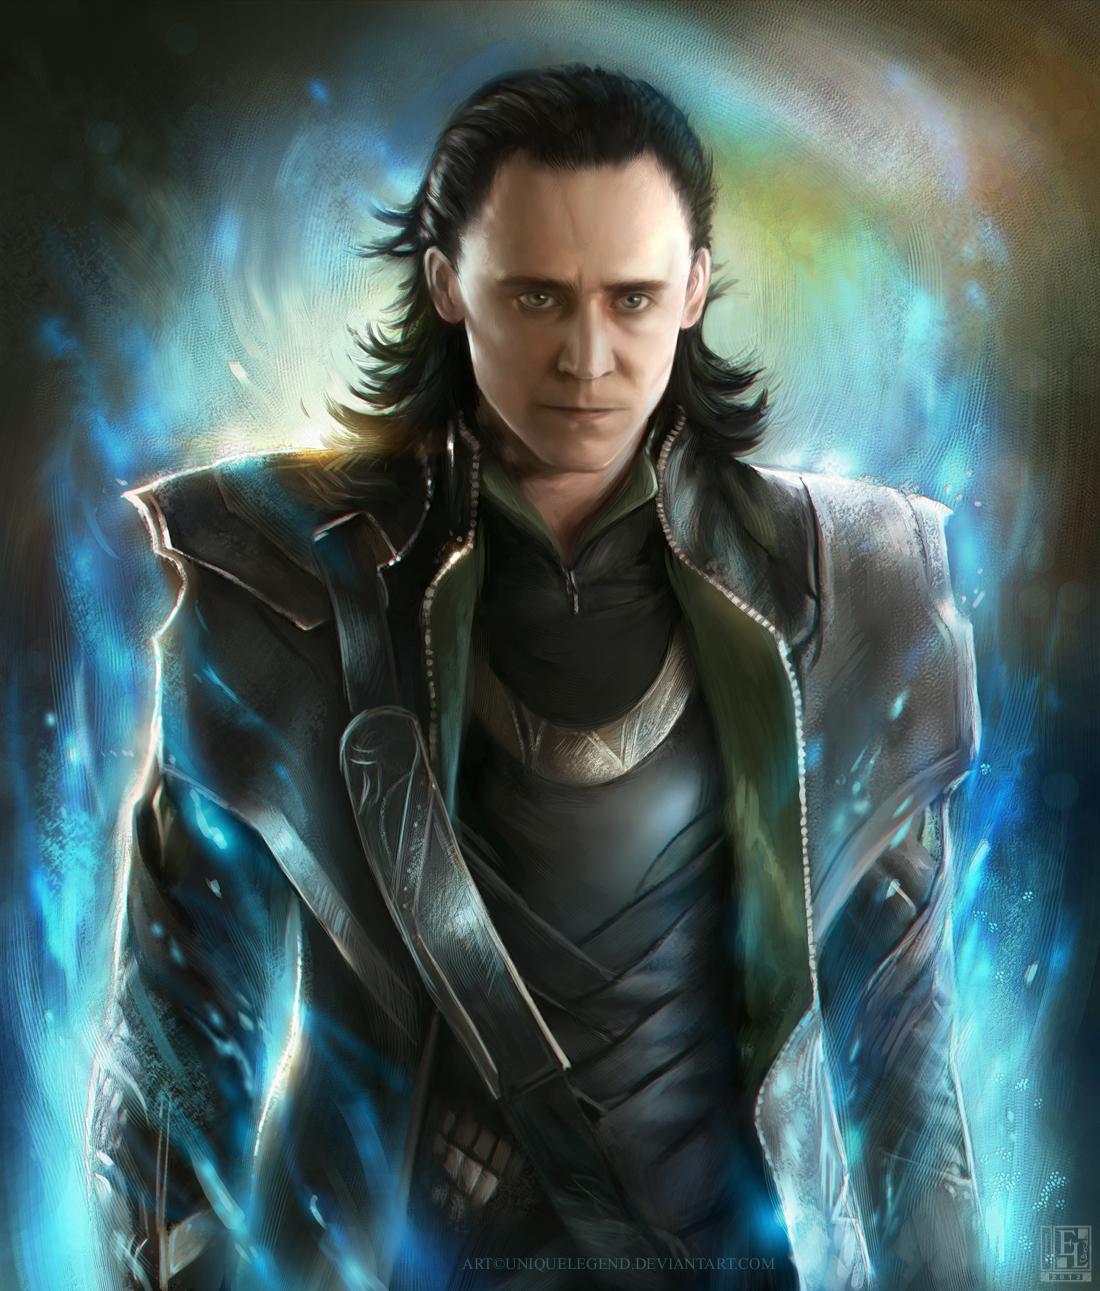 Disney Plus, ein Foto von Loki von der neuen Serie für den Gott, der Schauspieler auf glänzenden Hintergrund